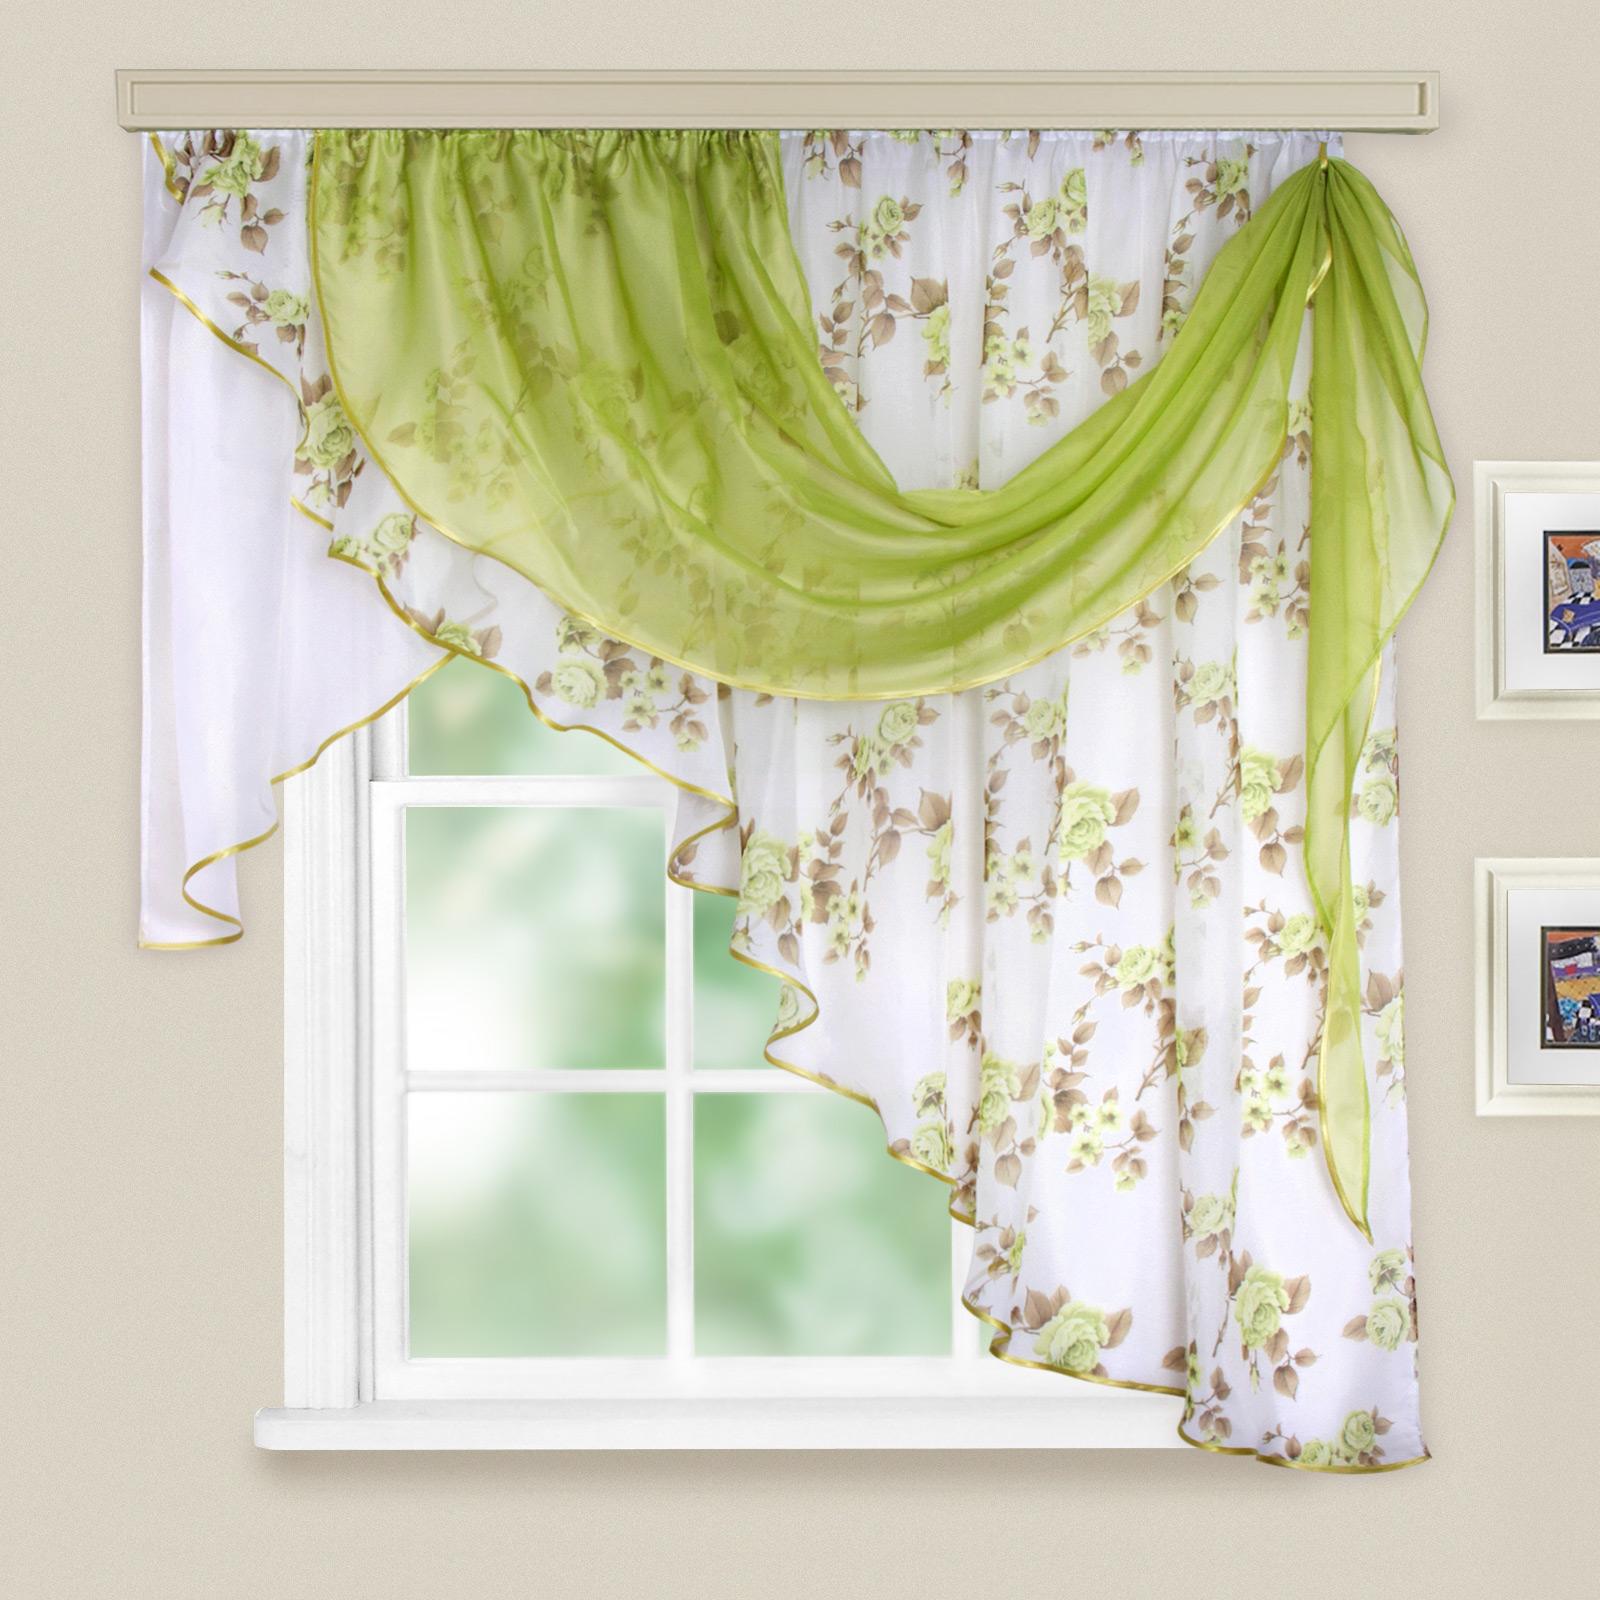 Купить Шторы Witerra, Классические шторы Мелодия Цвет: Зеленый, Россия, Вуаль